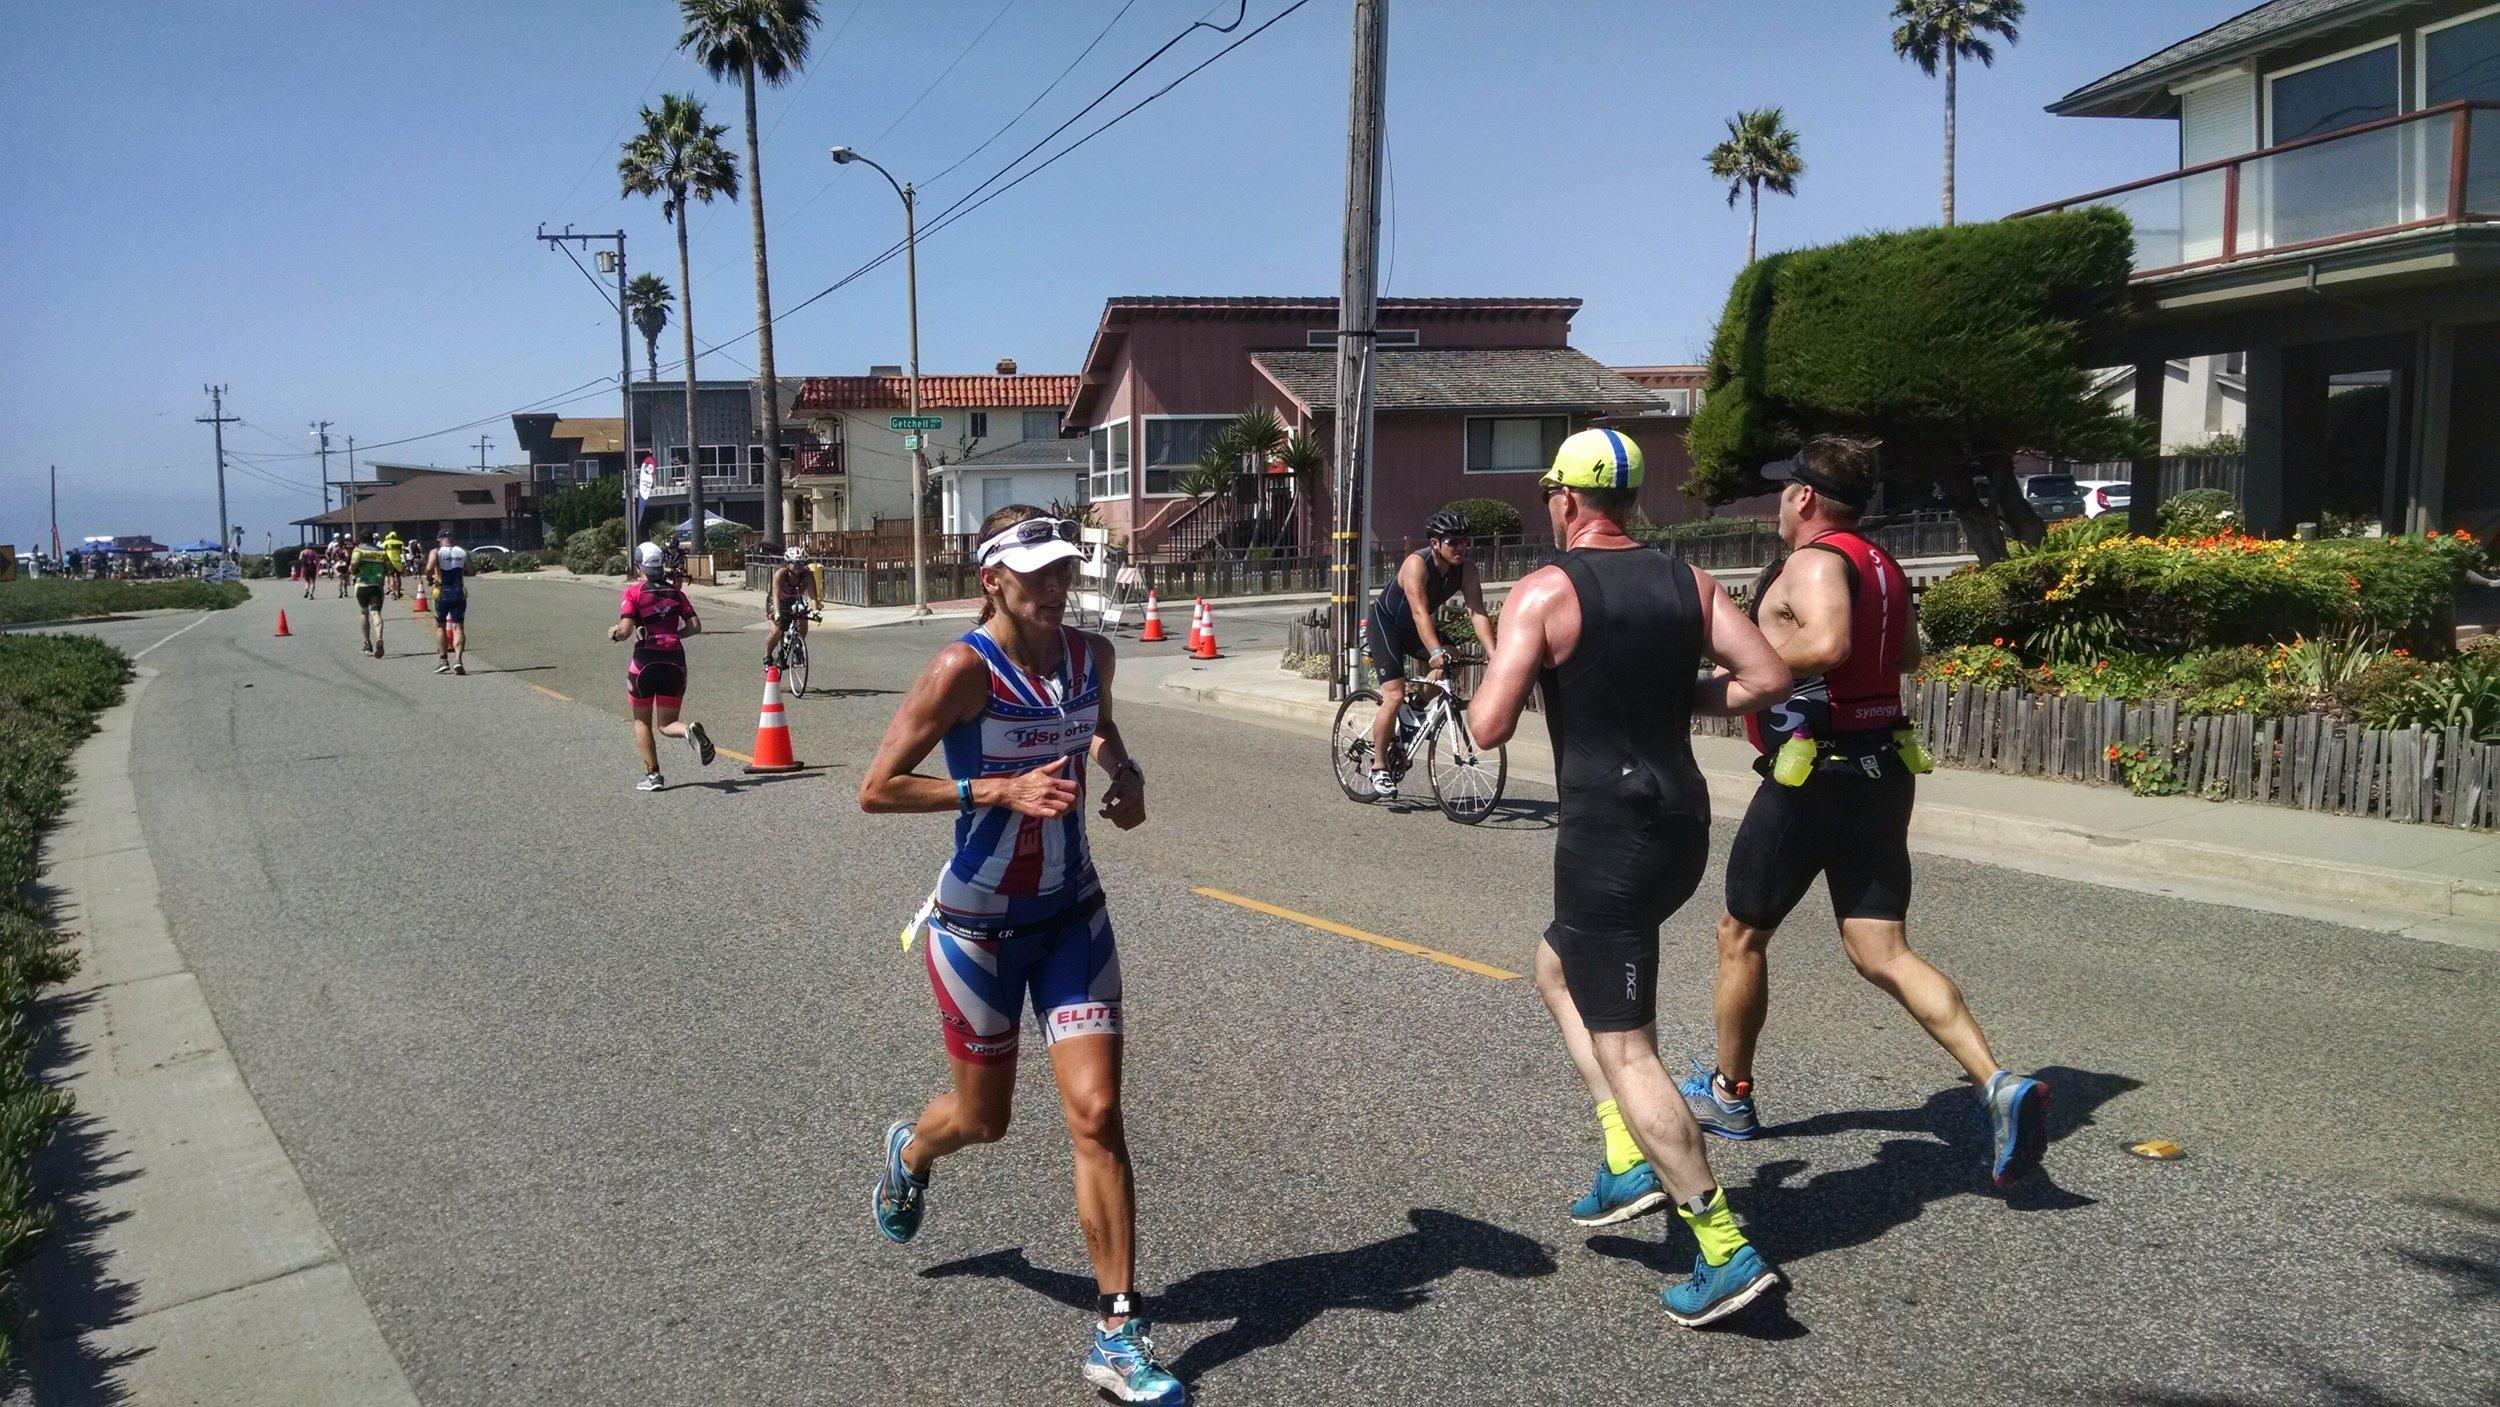 The run at Santa Cruz 70.3